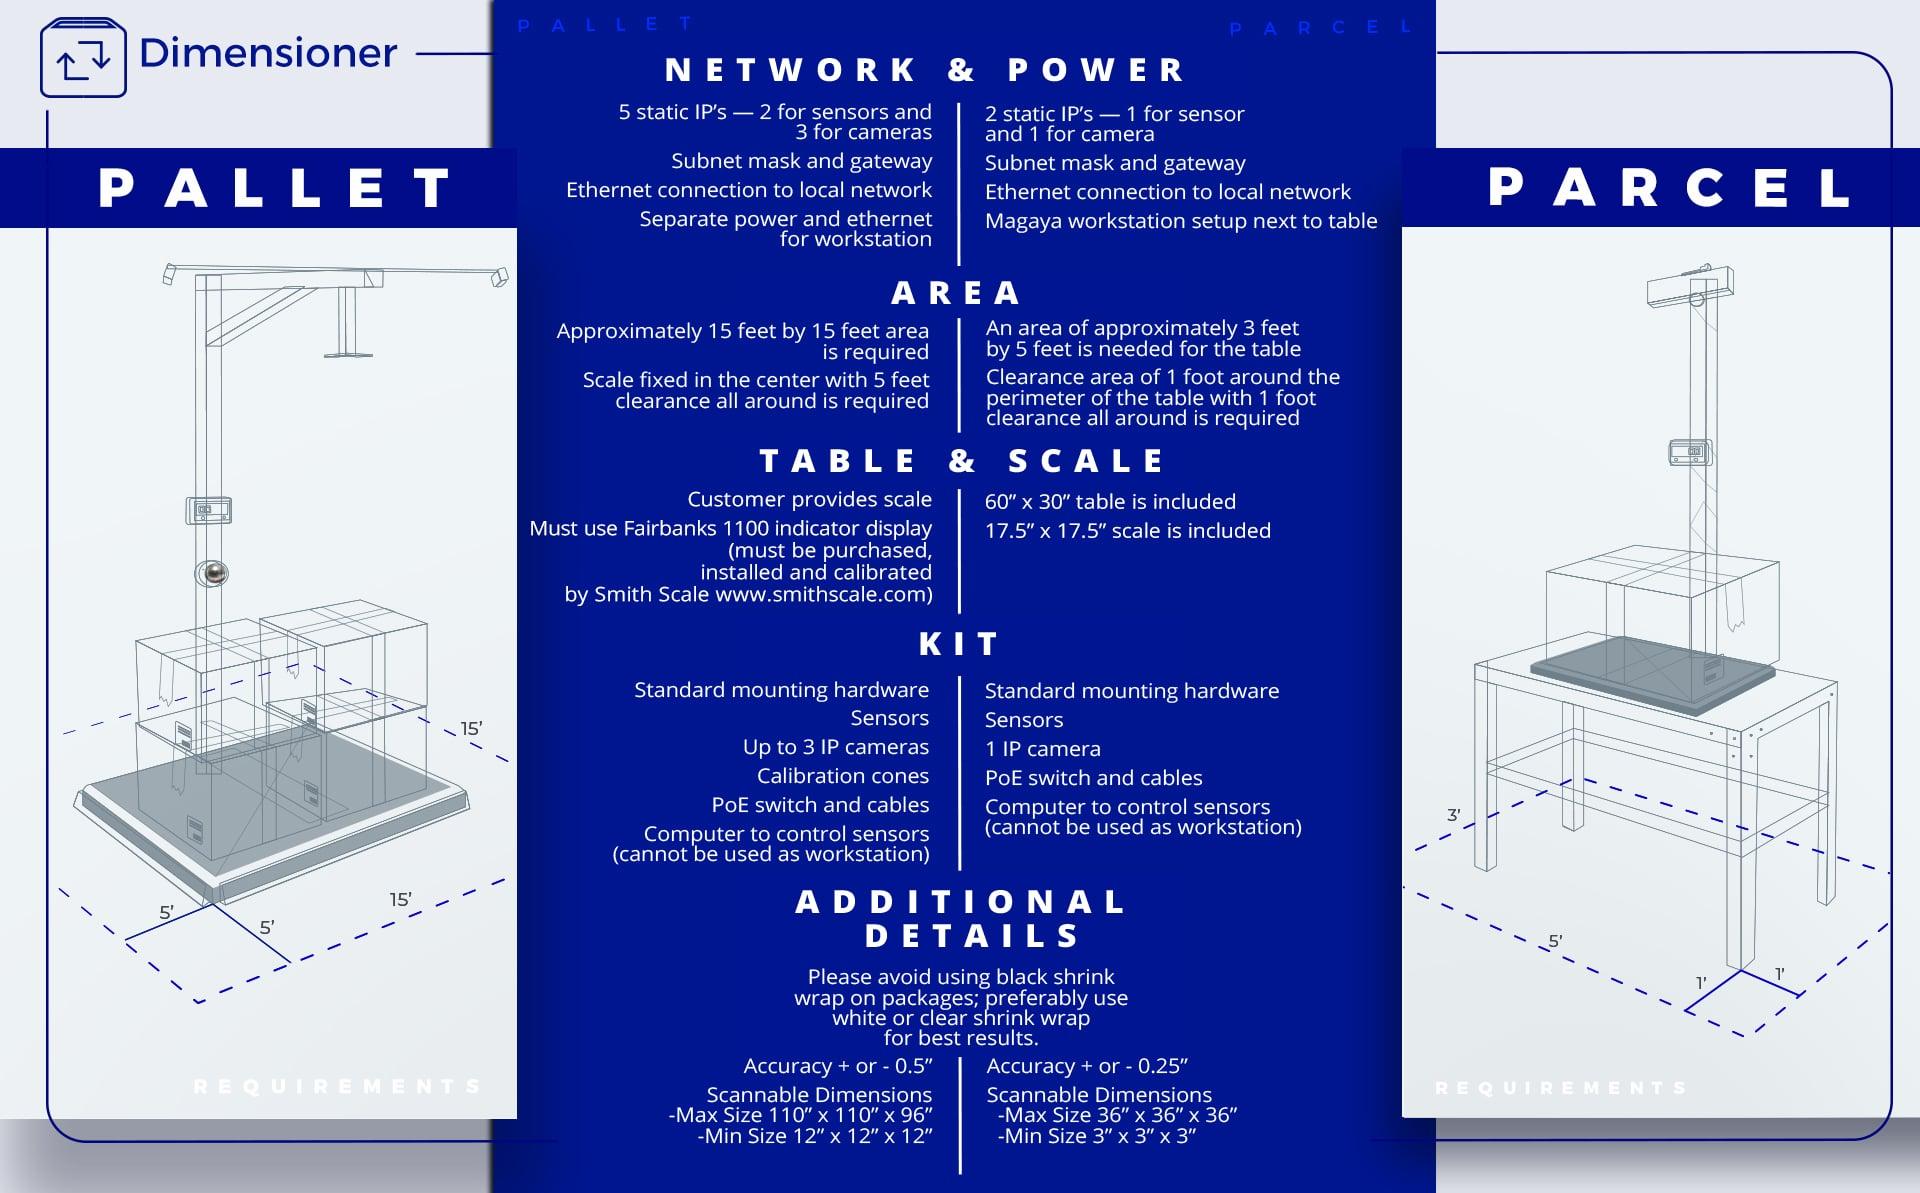 Dimensioner Infographic